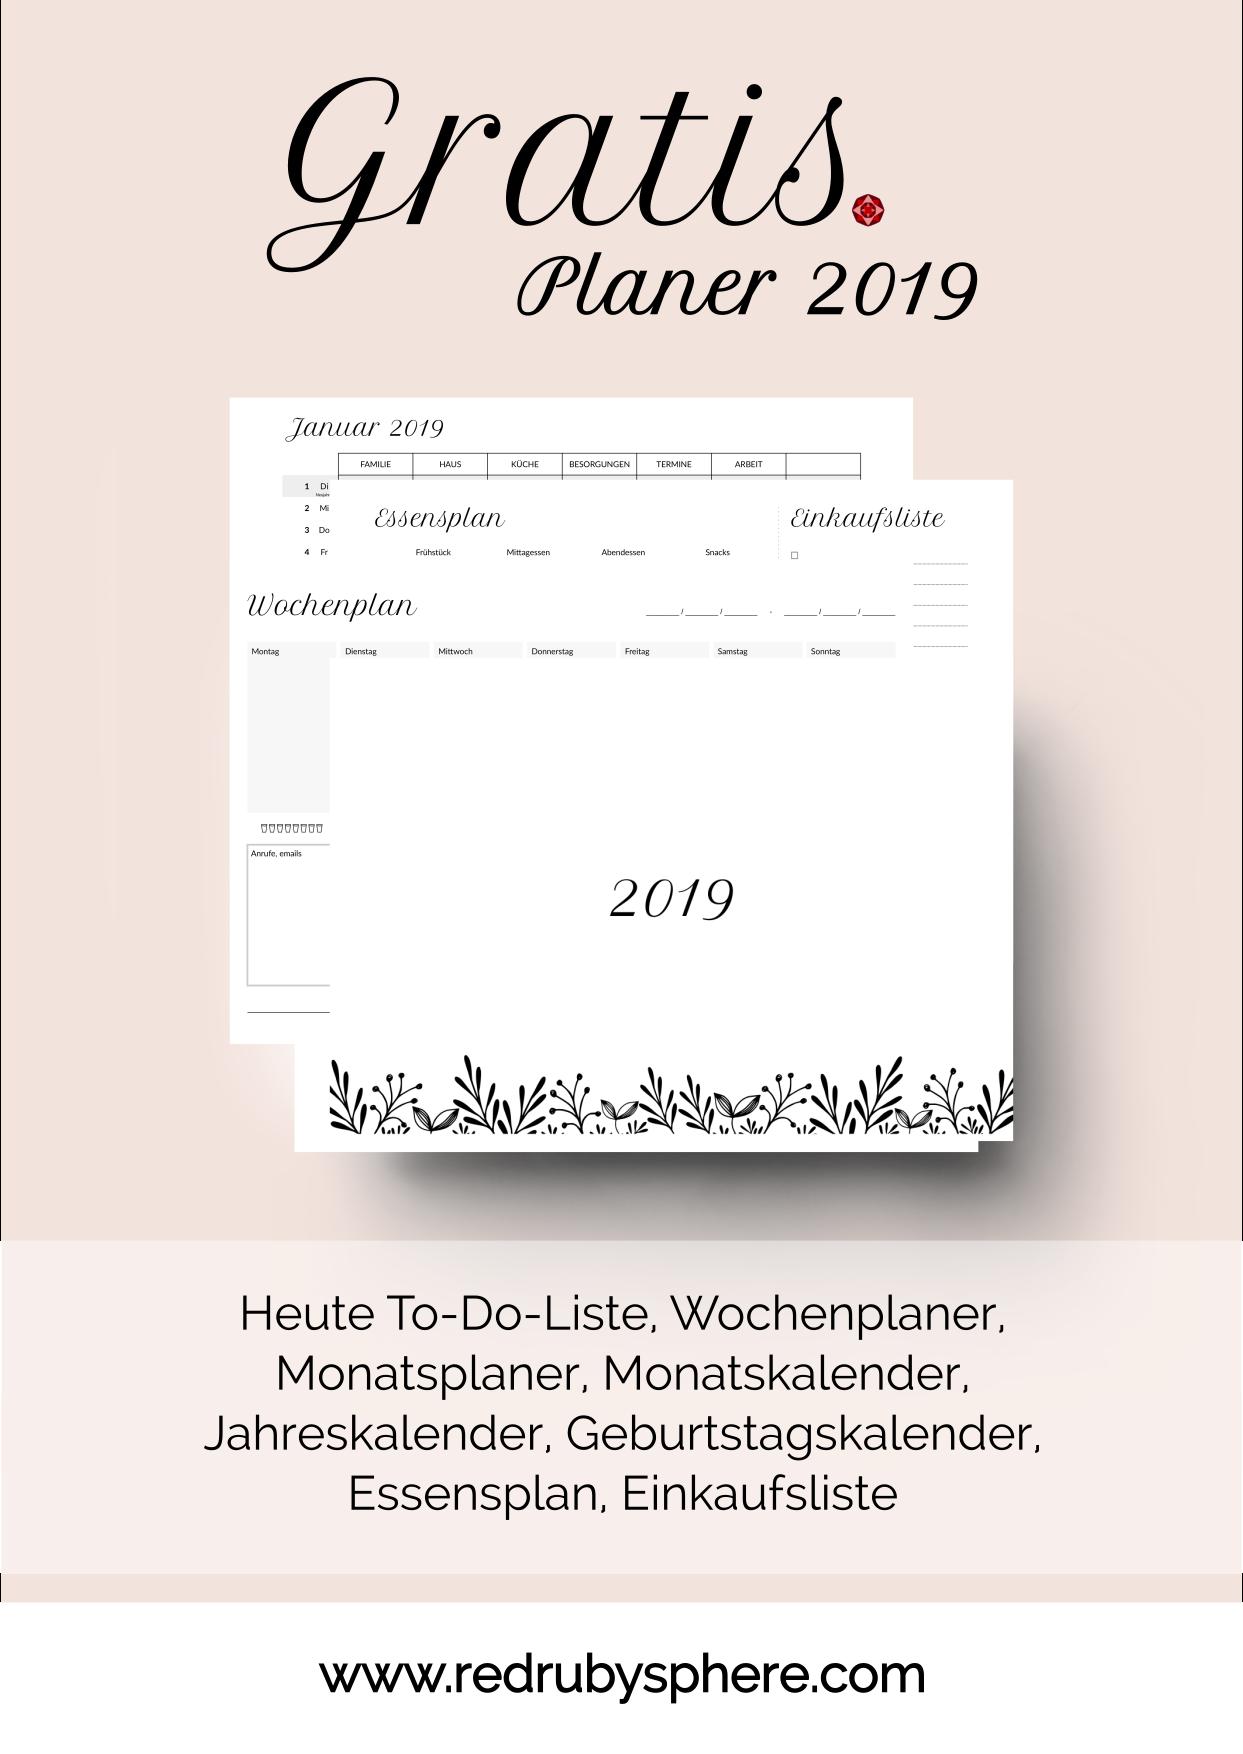 gratis vorlagen f r planer 2019 selbermachen kalender. Black Bedroom Furniture Sets. Home Design Ideas